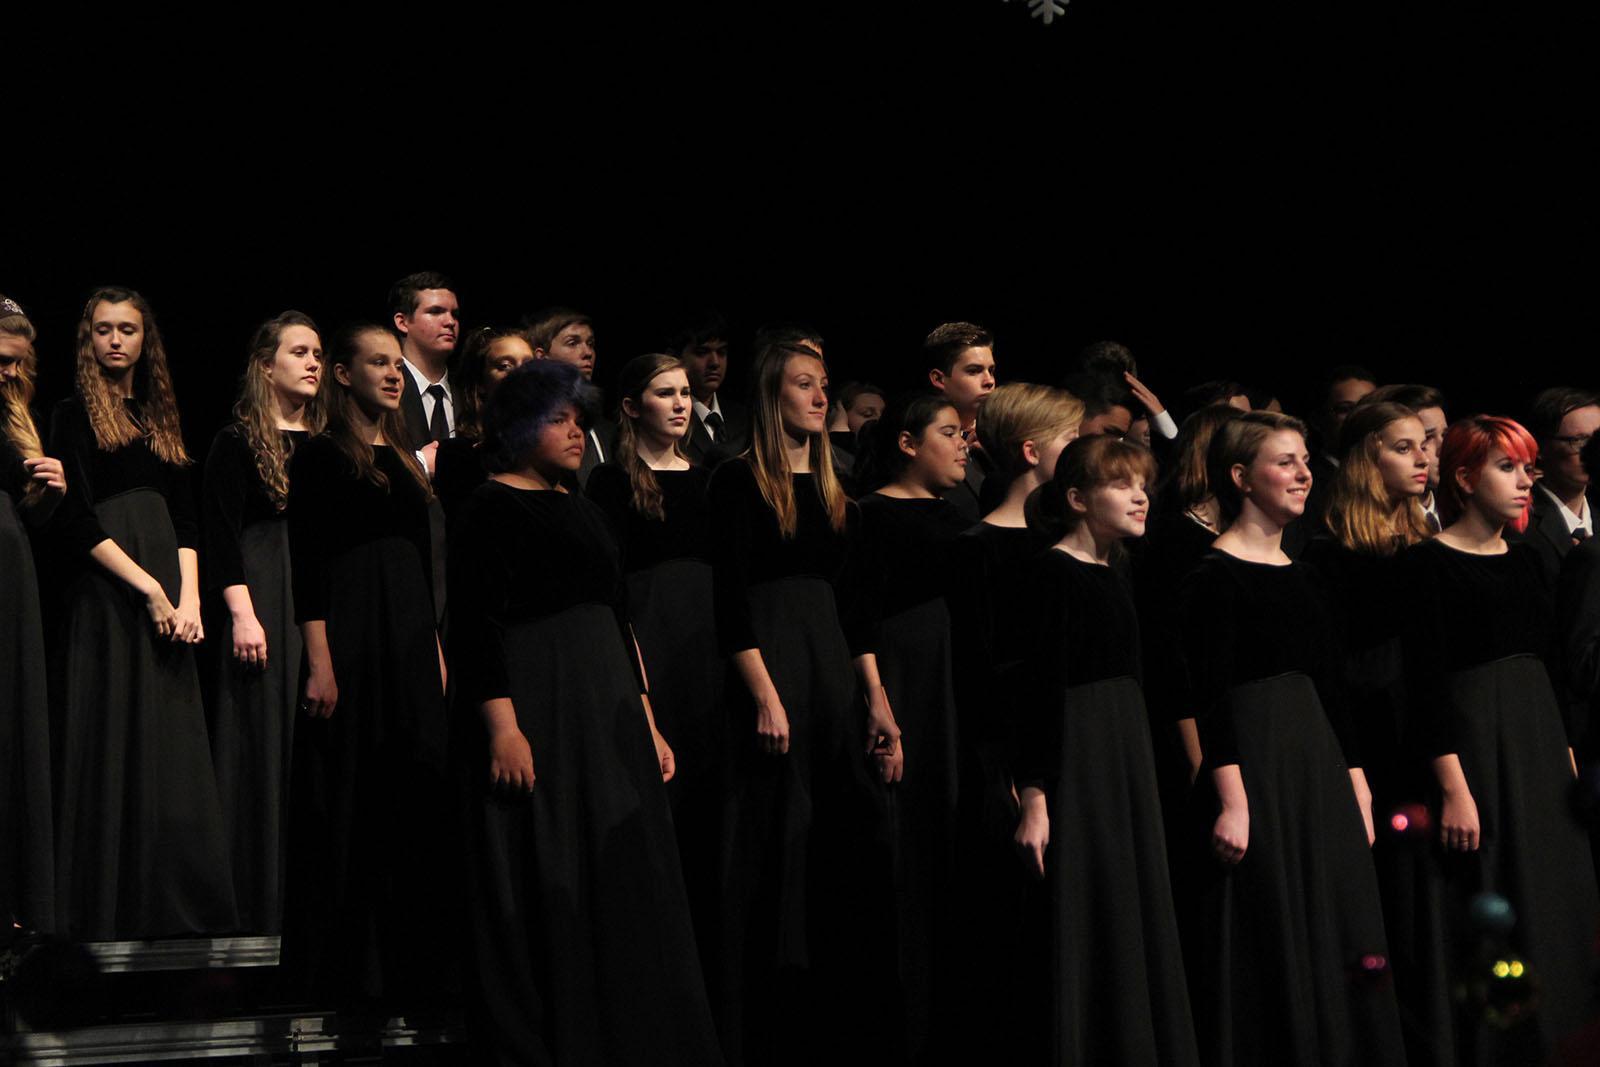 07_choir-holiday-concert-jk